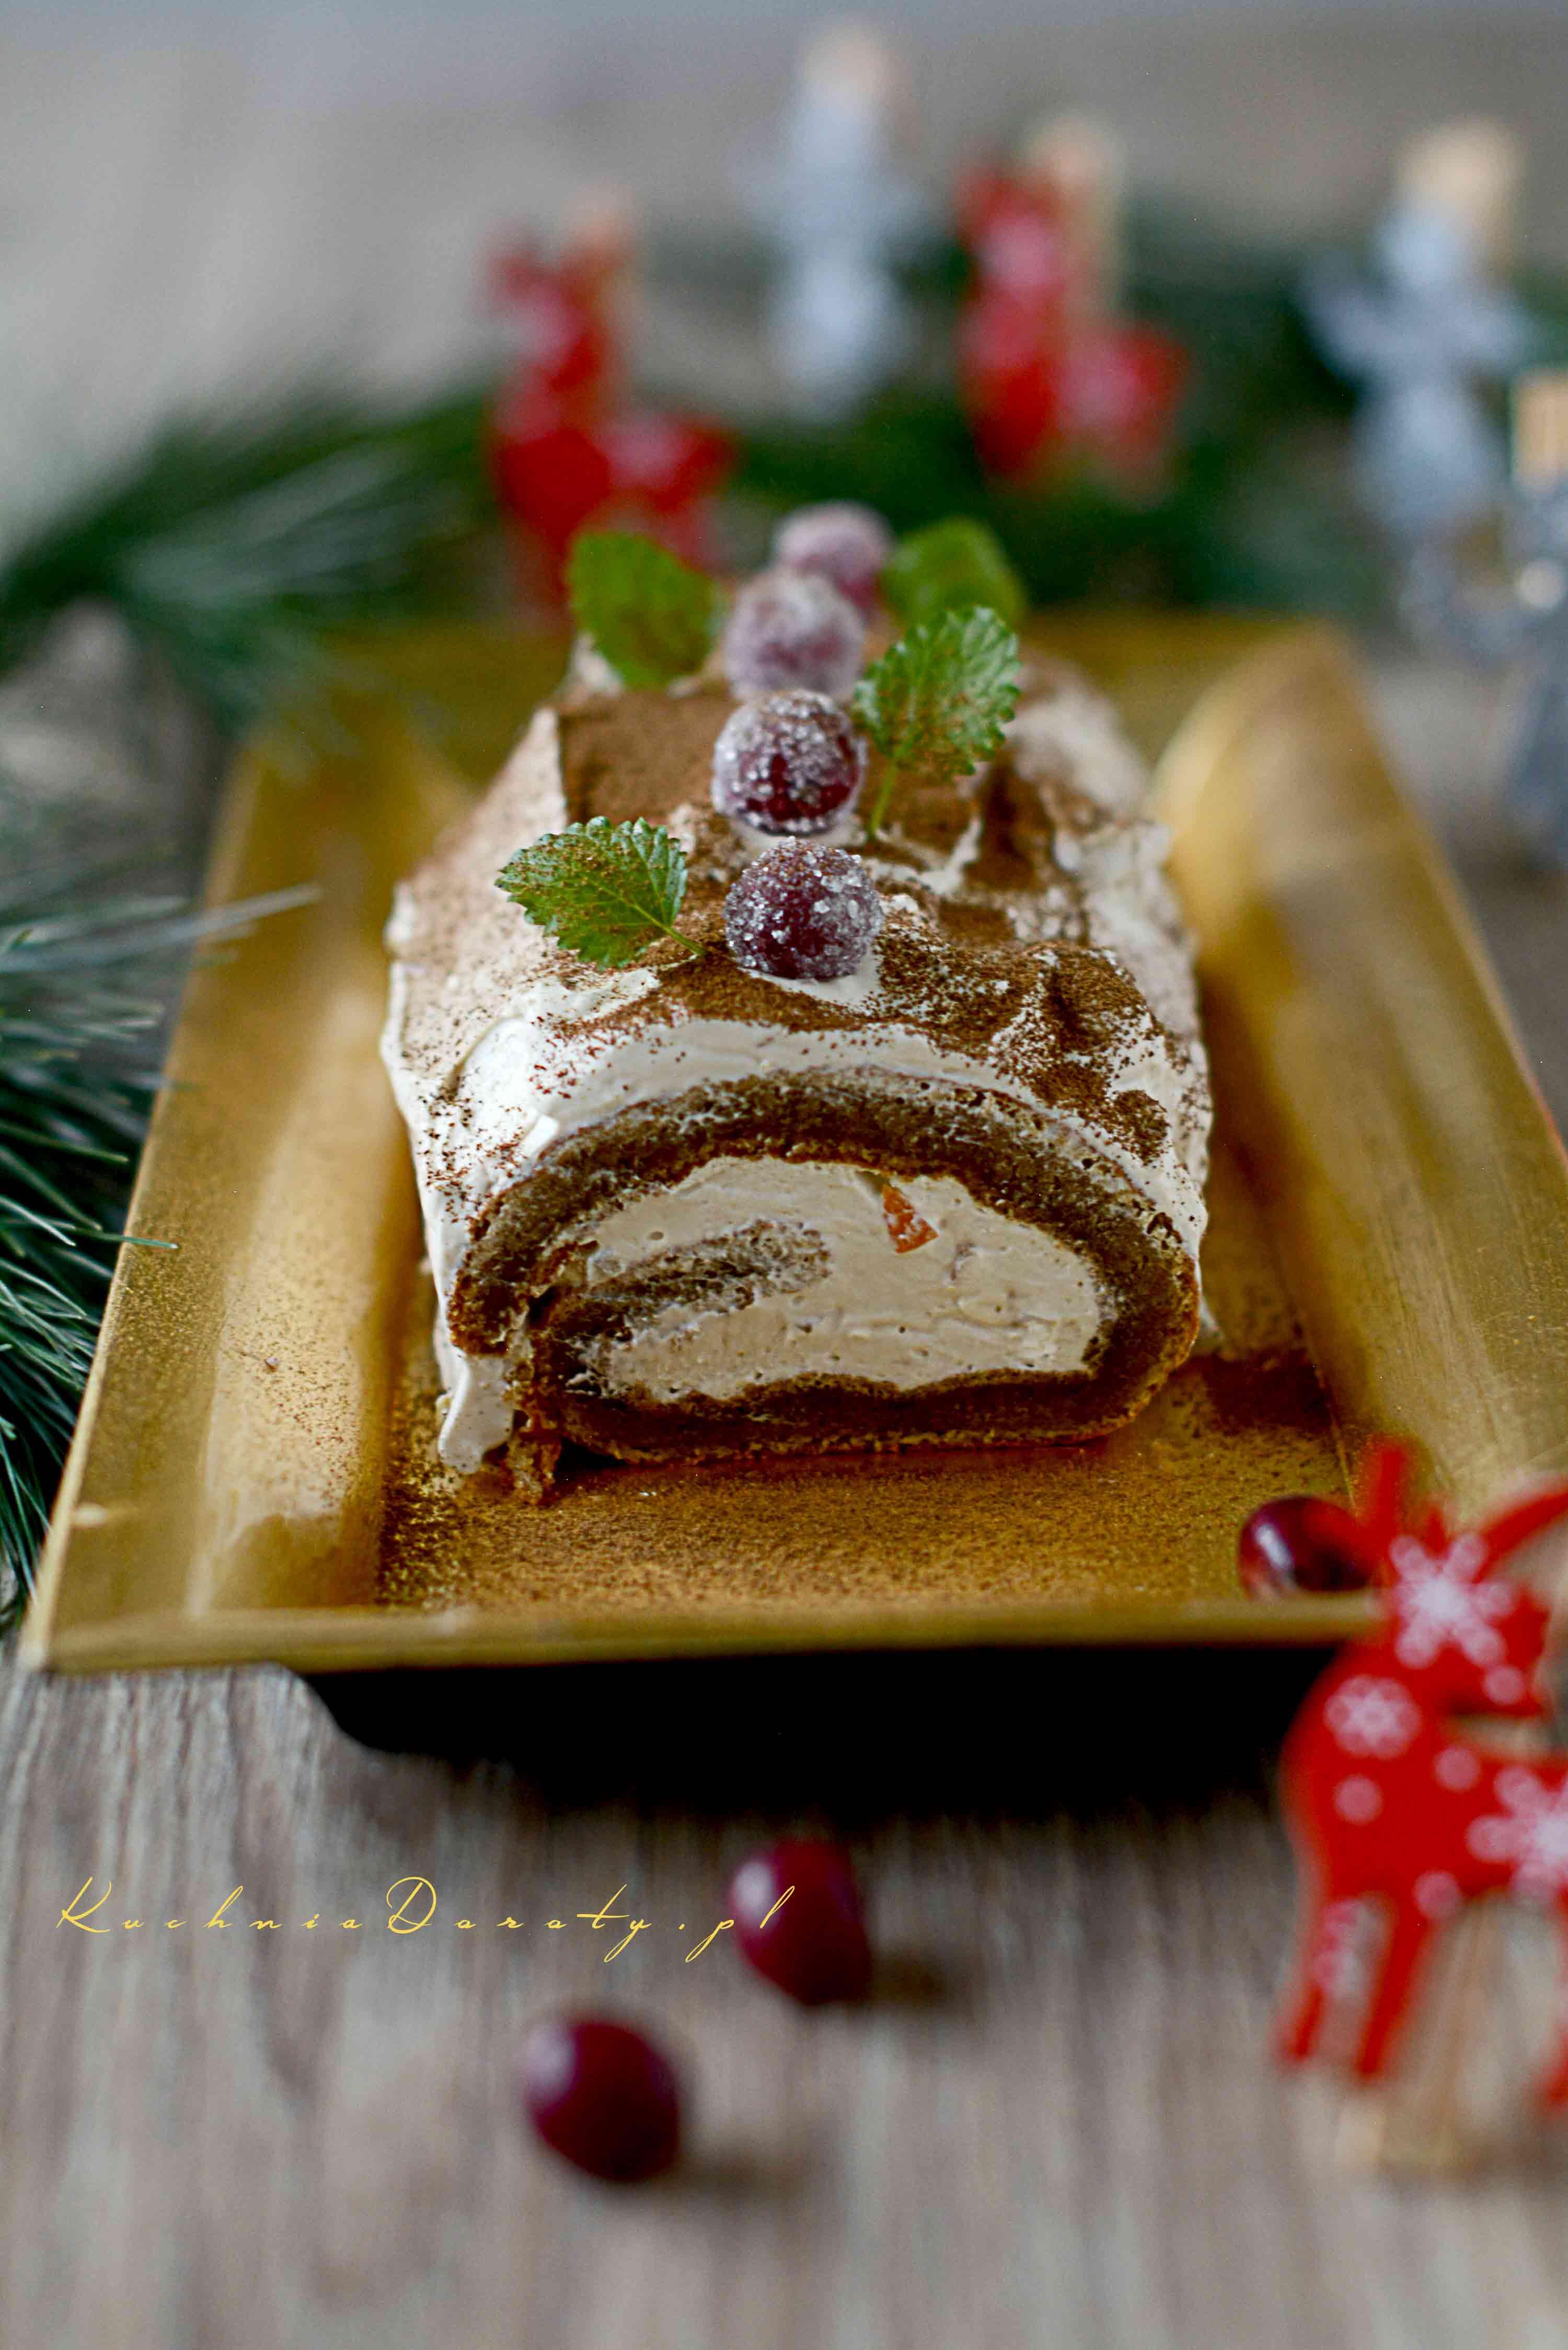 rolada, rolada przepis, przepisy na ciasta, ciasta świąteczne, ciasta świąteczne przepisy, kawa inka, kawa inka przepisy, kawa zbożowa, święta, świętą przepisy, święta ciasta, ciasta świąteczne, ciasta świąteczne przepisy, przepisy kulinarne,